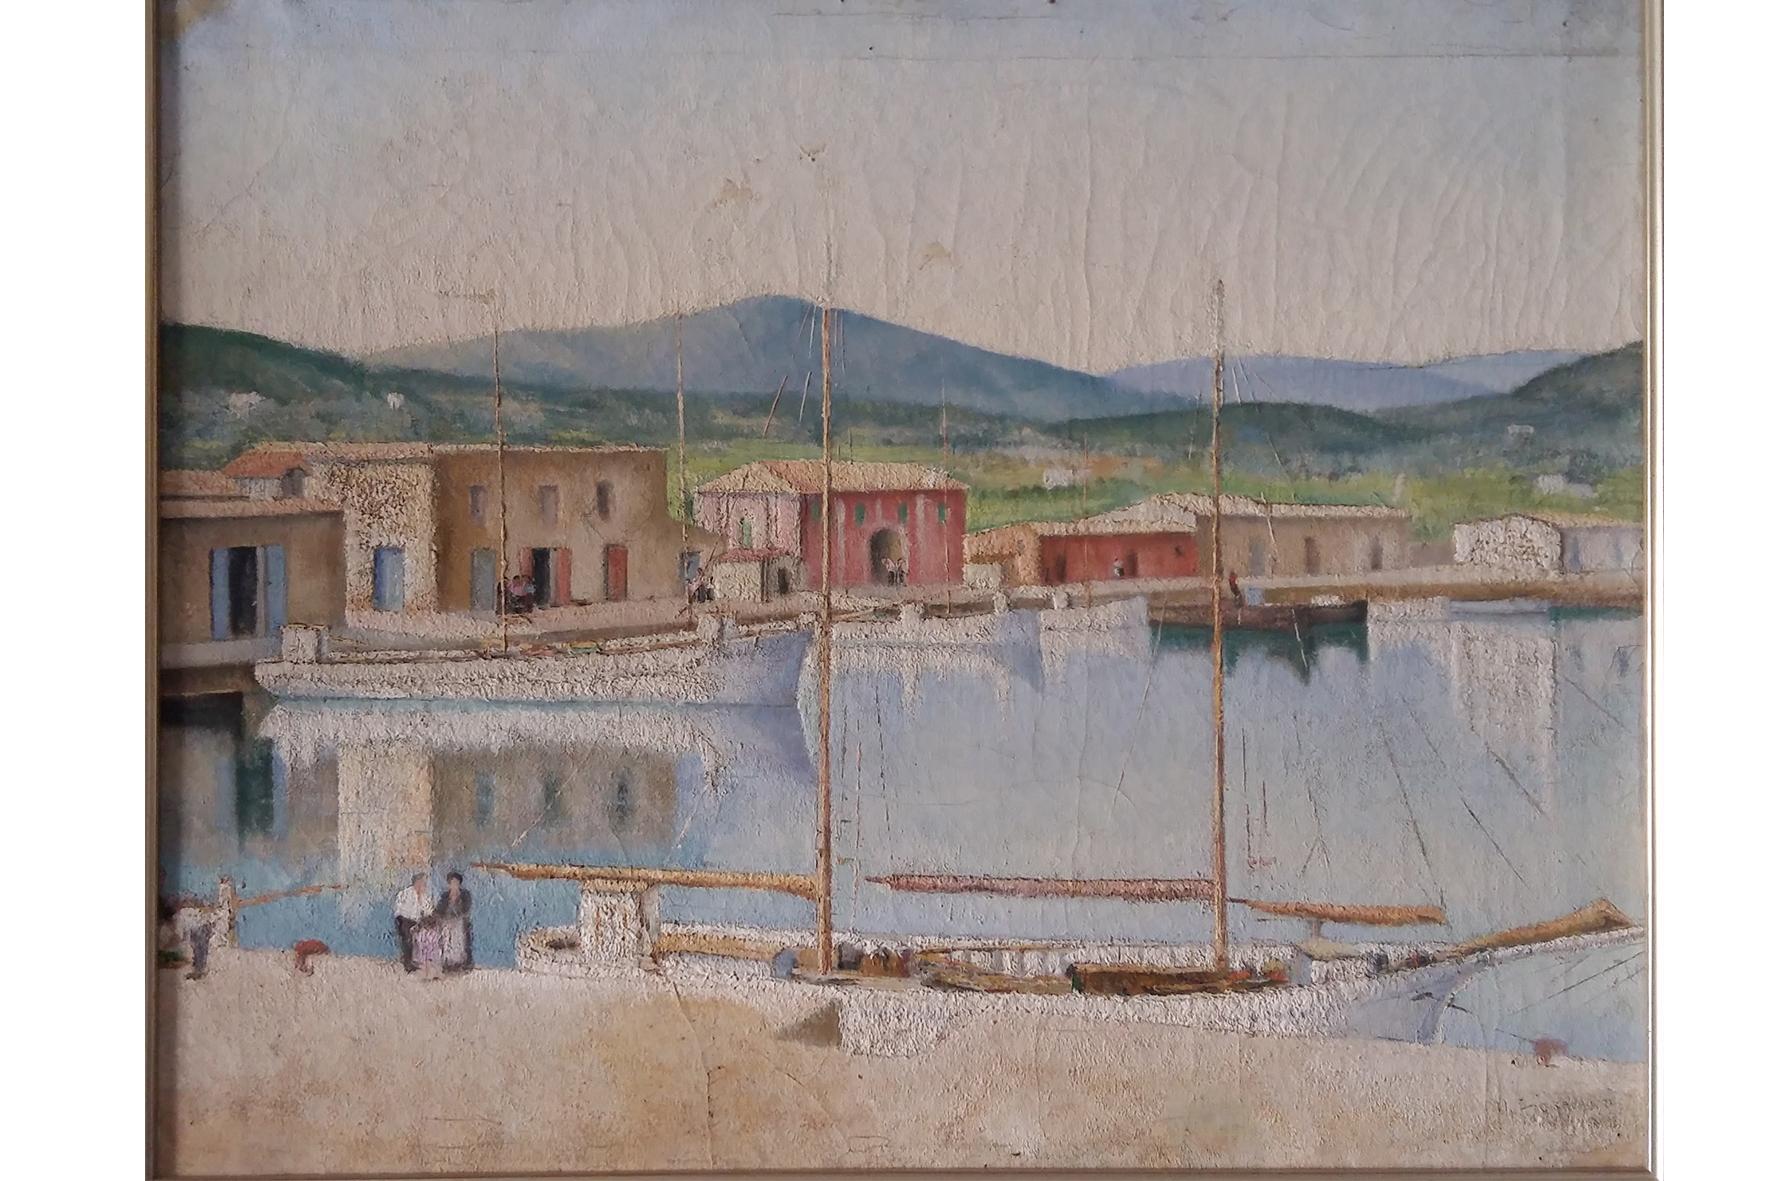 """""""Vista del port d'Eivissa"""" Vincenzo Fioravanti. Oli sobre tela. ca. 1933. 52x64 (aprox) Col·lecció particular Núria Ferrer Barbany"""